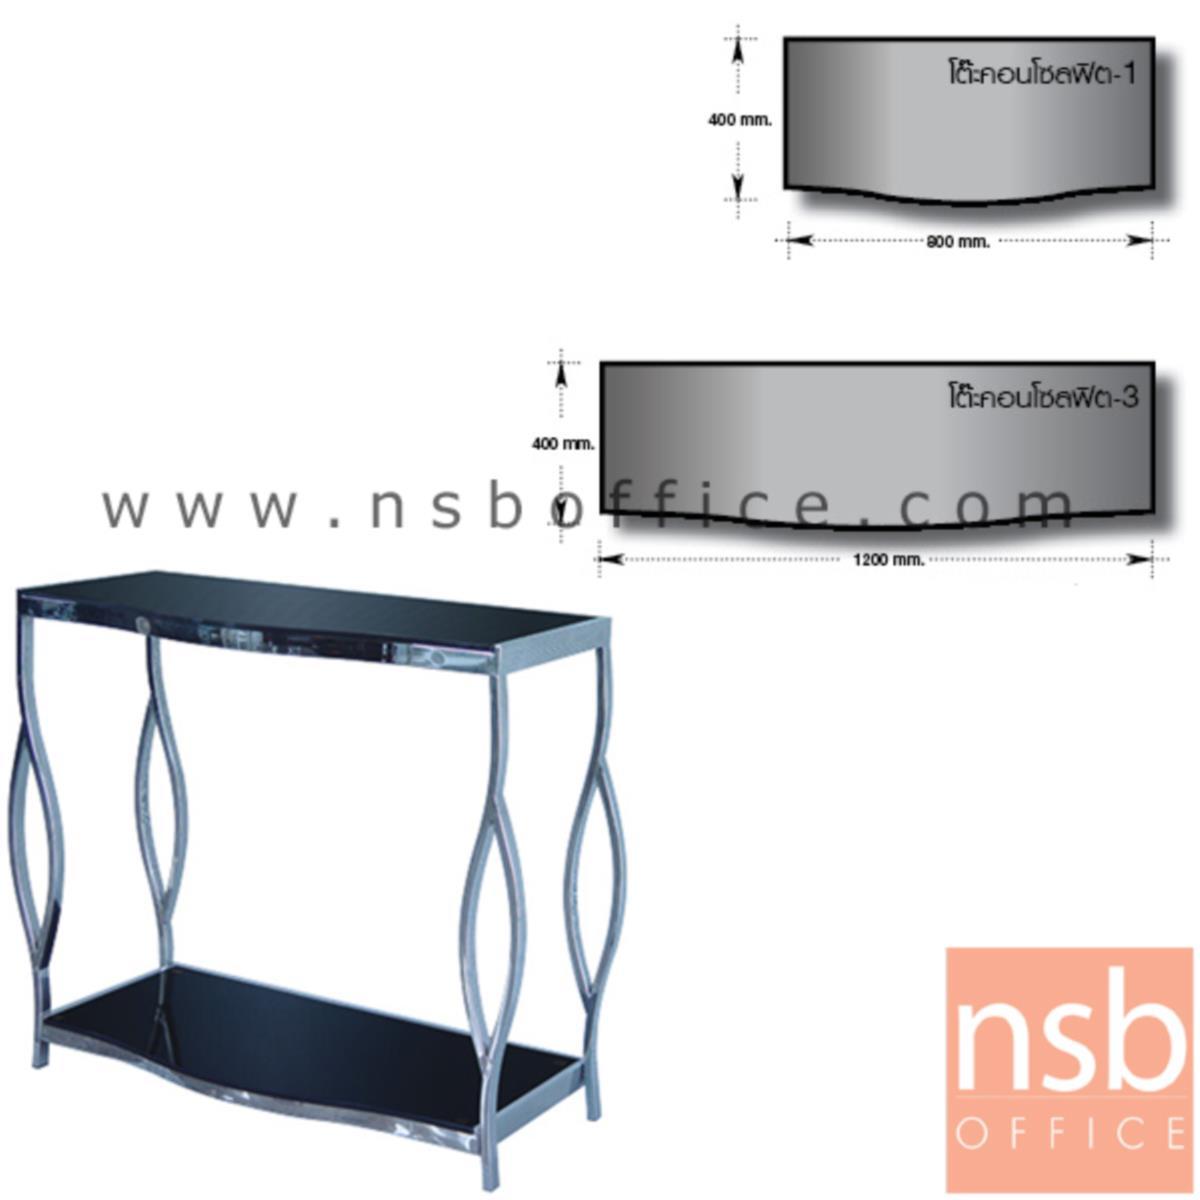 โต๊ะหน้ากระจกสีดำ รุ่น Shirley (เชอร์ลีย์) ขนาด 80W ,120W cm.  โครงเหล็กชุบโครเมี่ยม